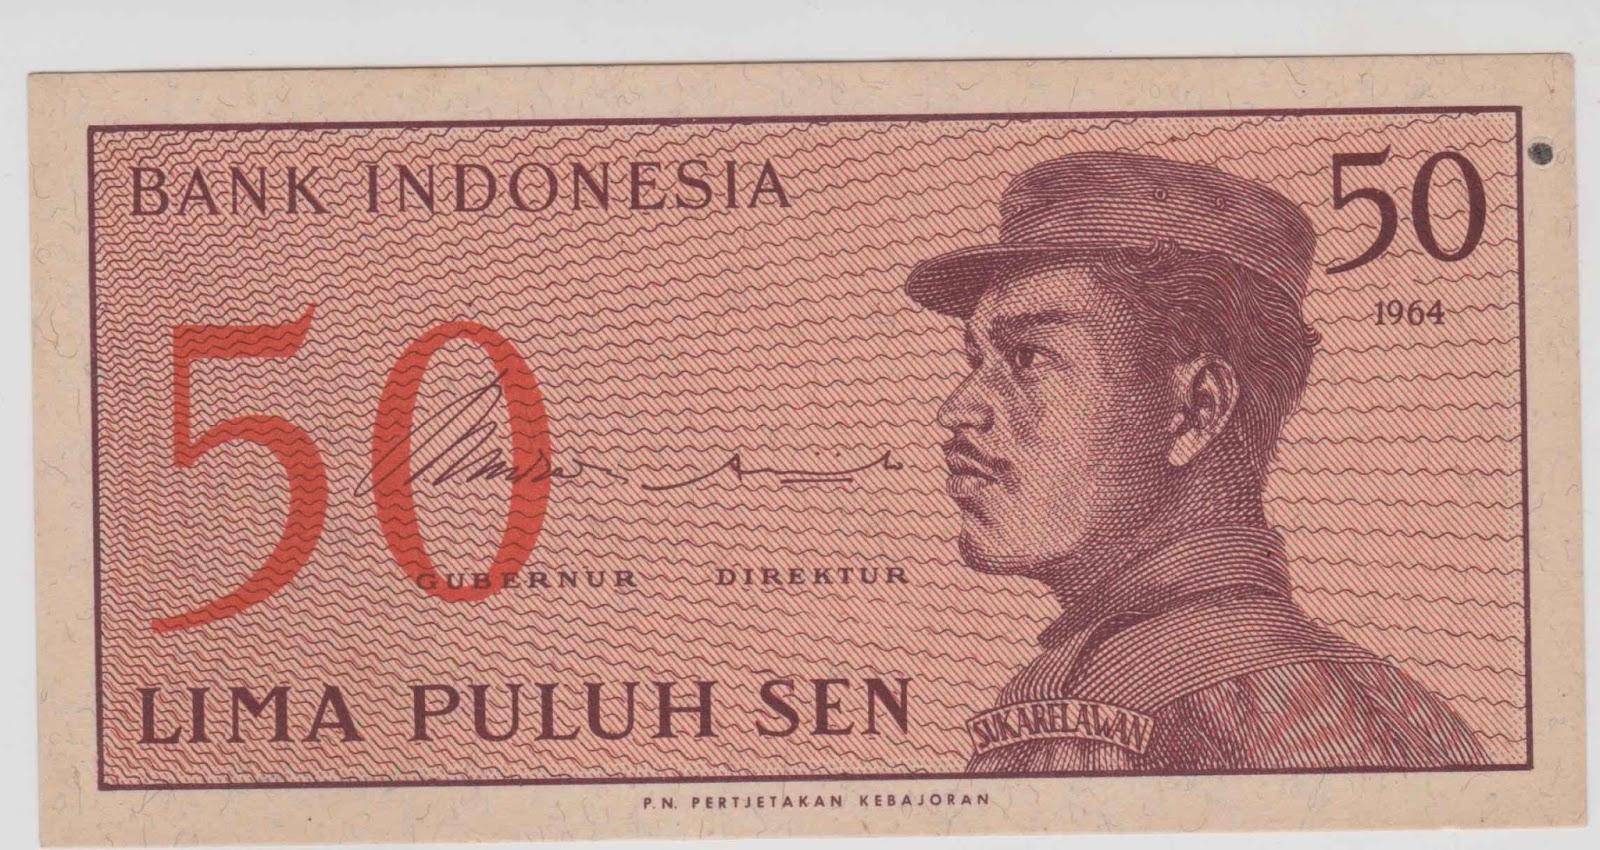 uang kuno Seri Sukarelawan tahun 1968 pecahan 50 sen